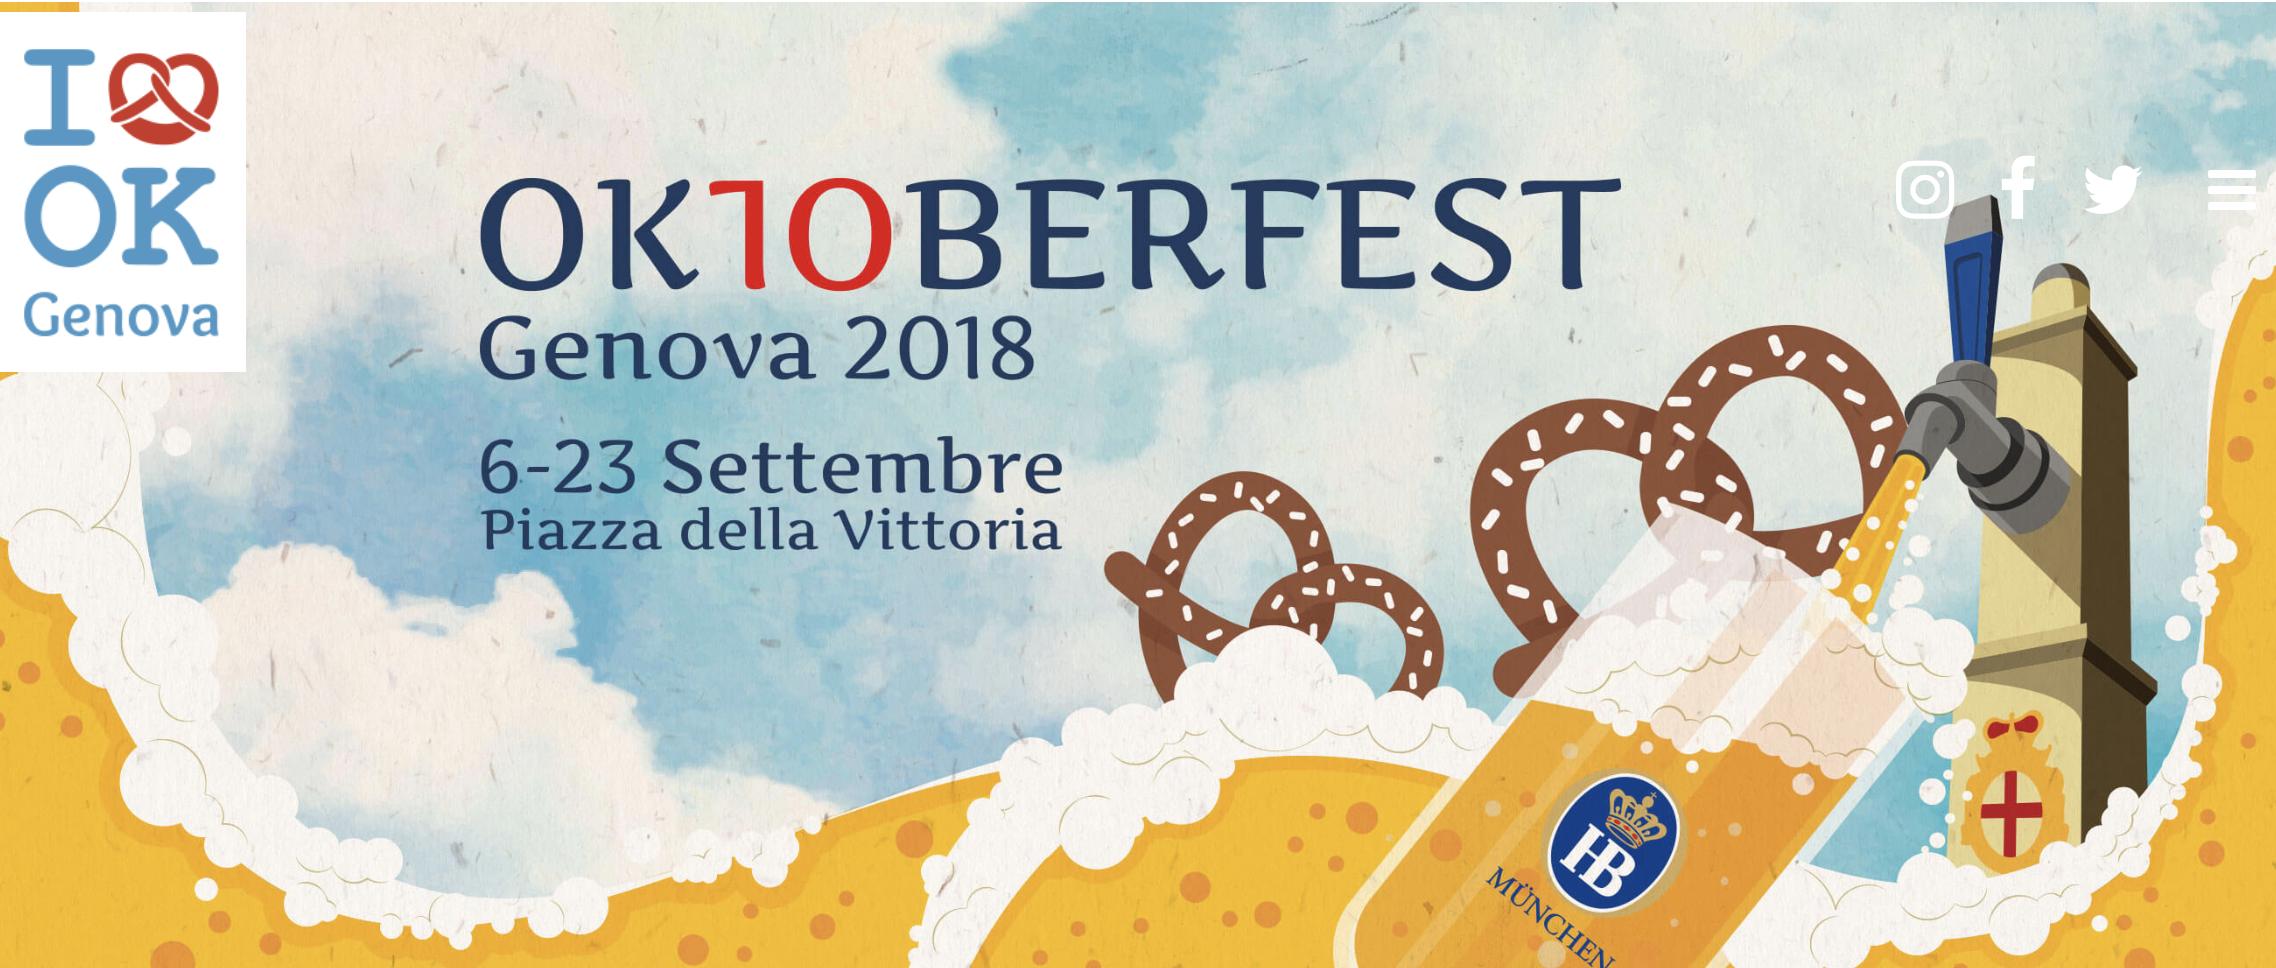 Crea l'illustrazione di Oktoberfest genova 2019